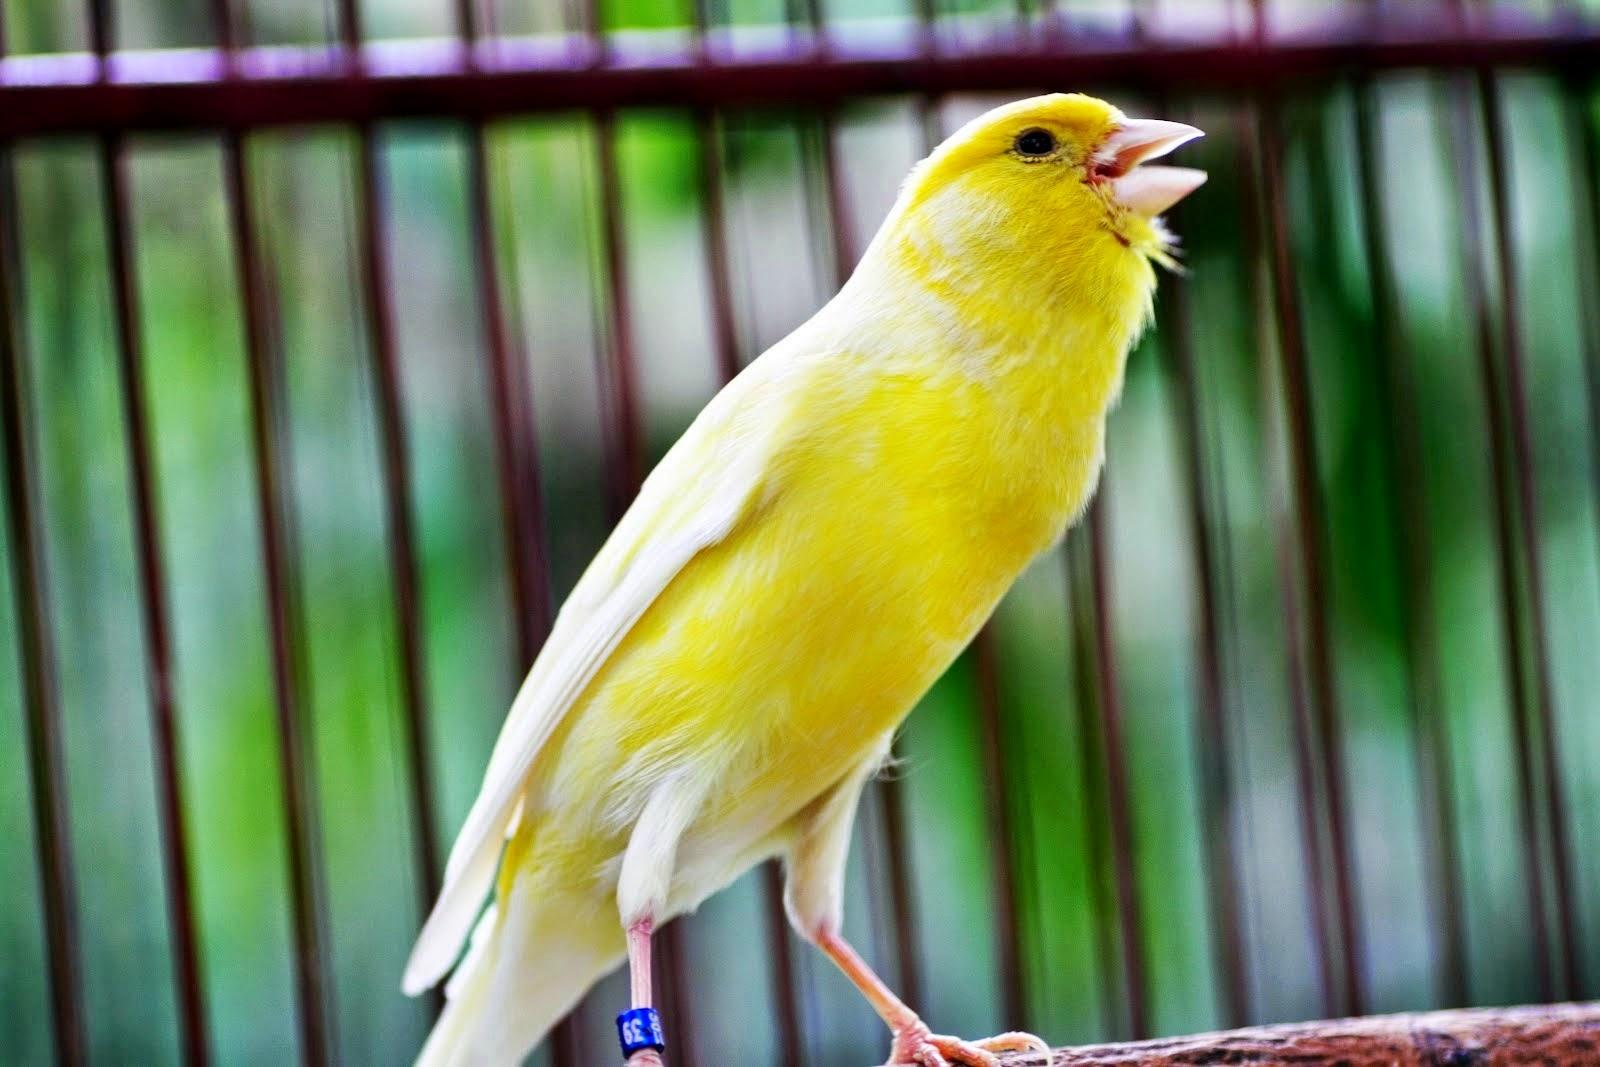 Settingan Burung Kenari Untuk Lomba Kicuit Com